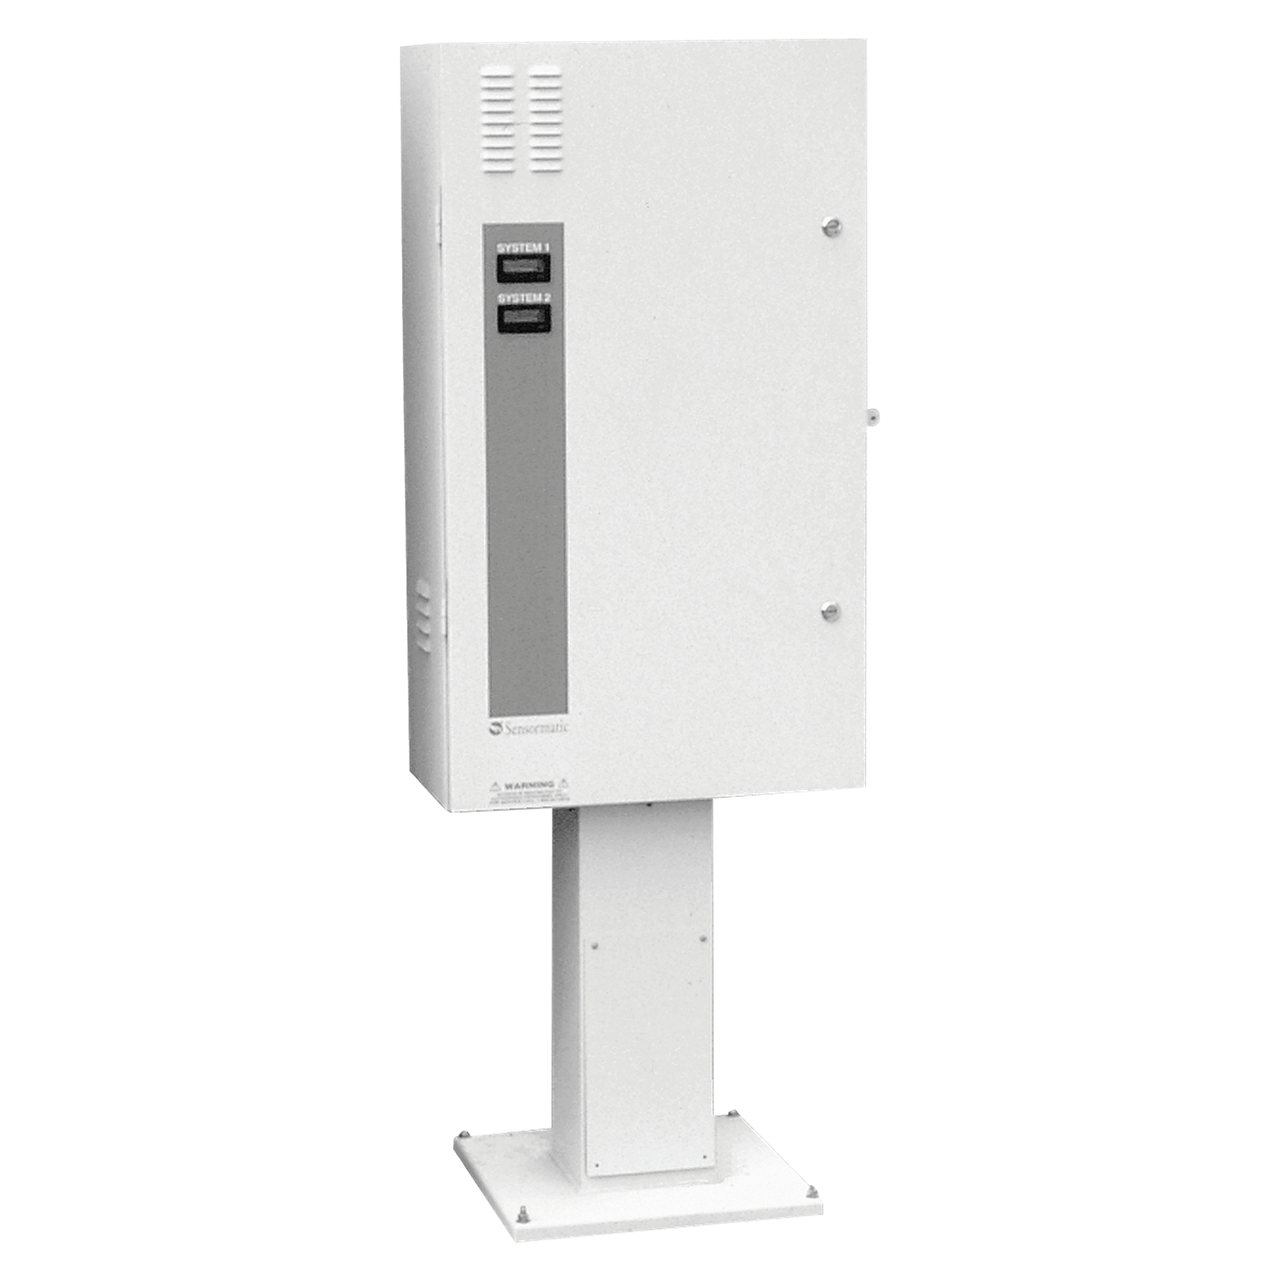 Sensormatic Outdoor Enclosure in Armenia Vantag LLC